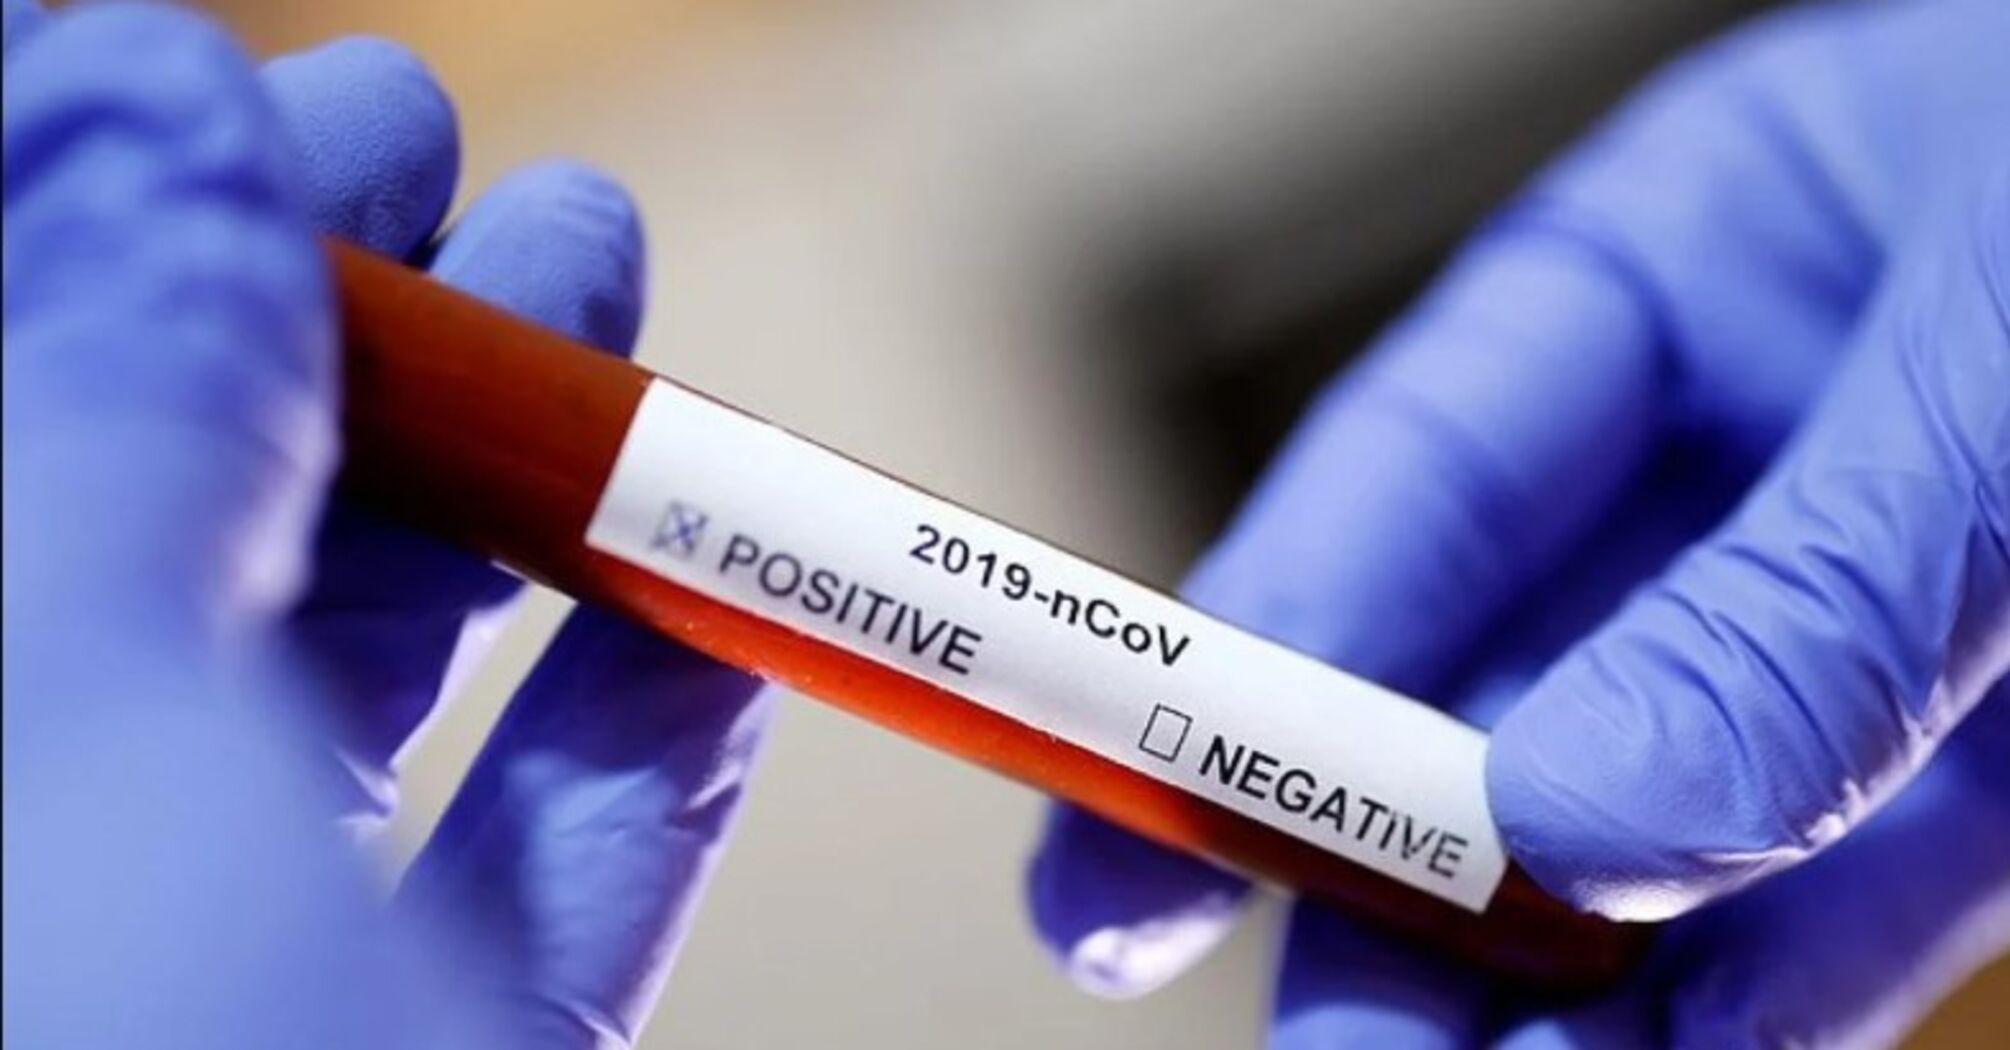 Кількість інфікованих коронавірусом у США перевіщіла 3 мільйоніКількість інфікованих коронавірусом у США перевіщіла 3 Мільйони